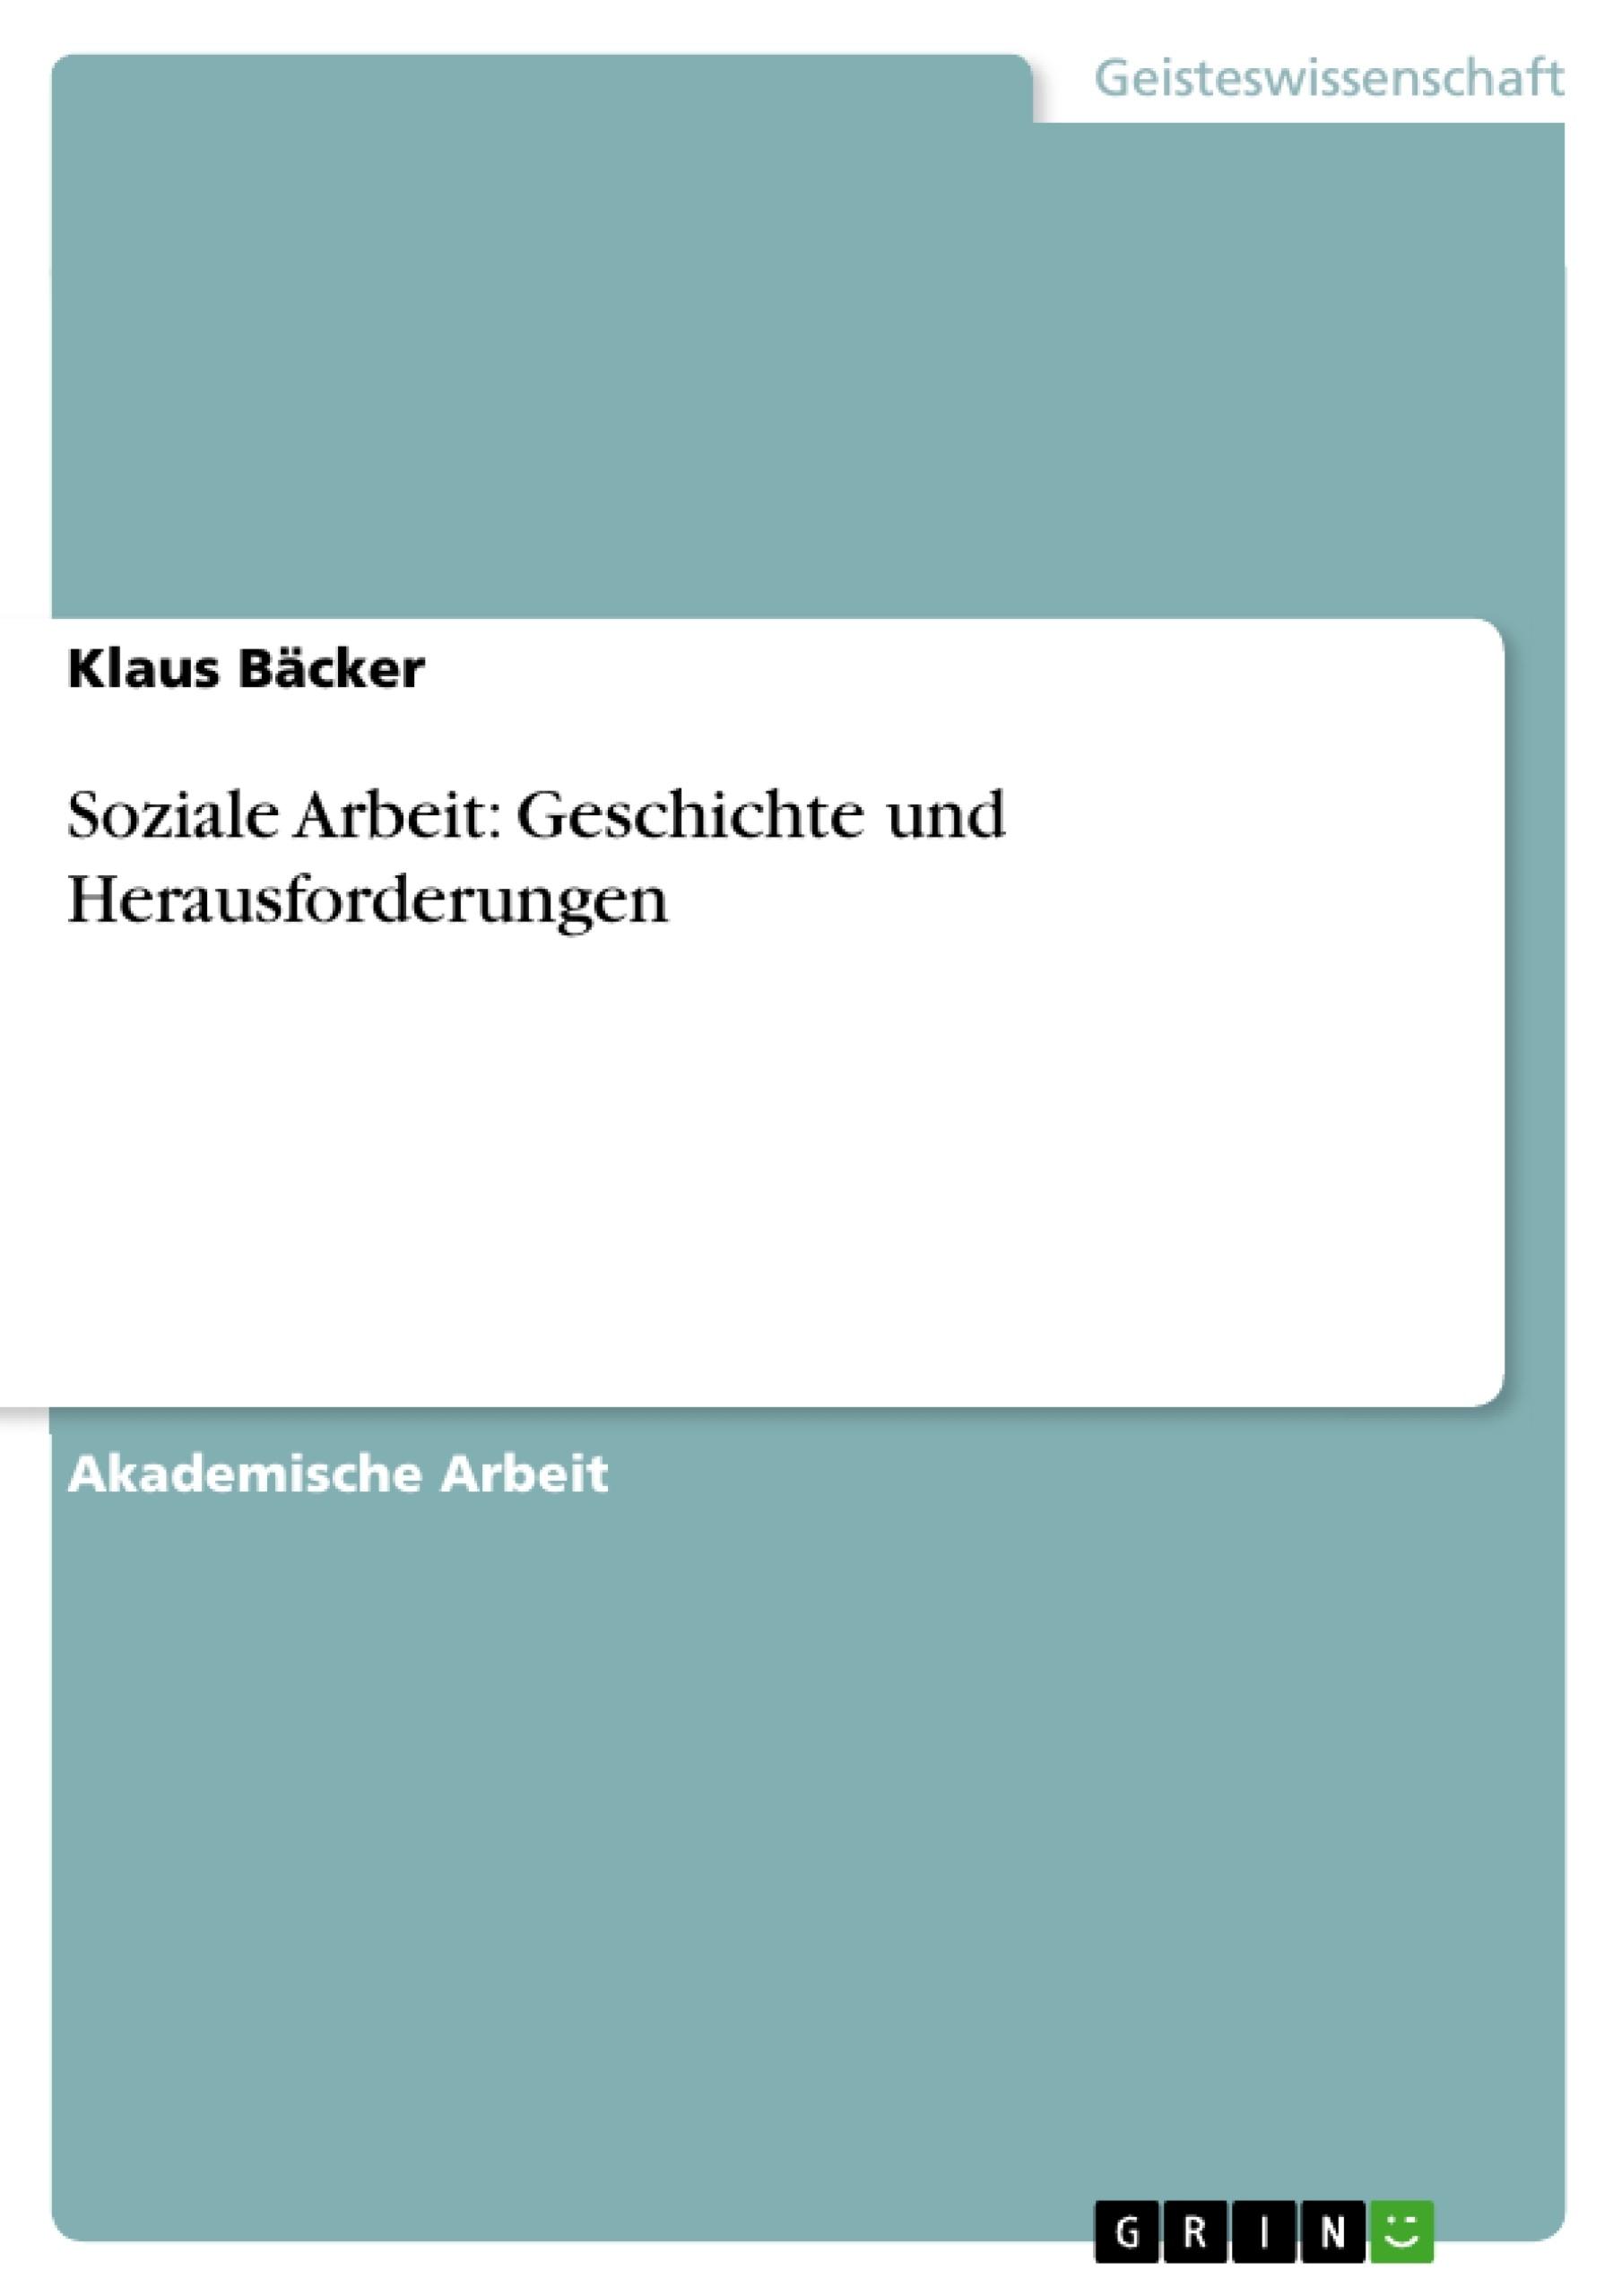 Titel: Soziale Arbeit: Geschichte und Herausforderungen